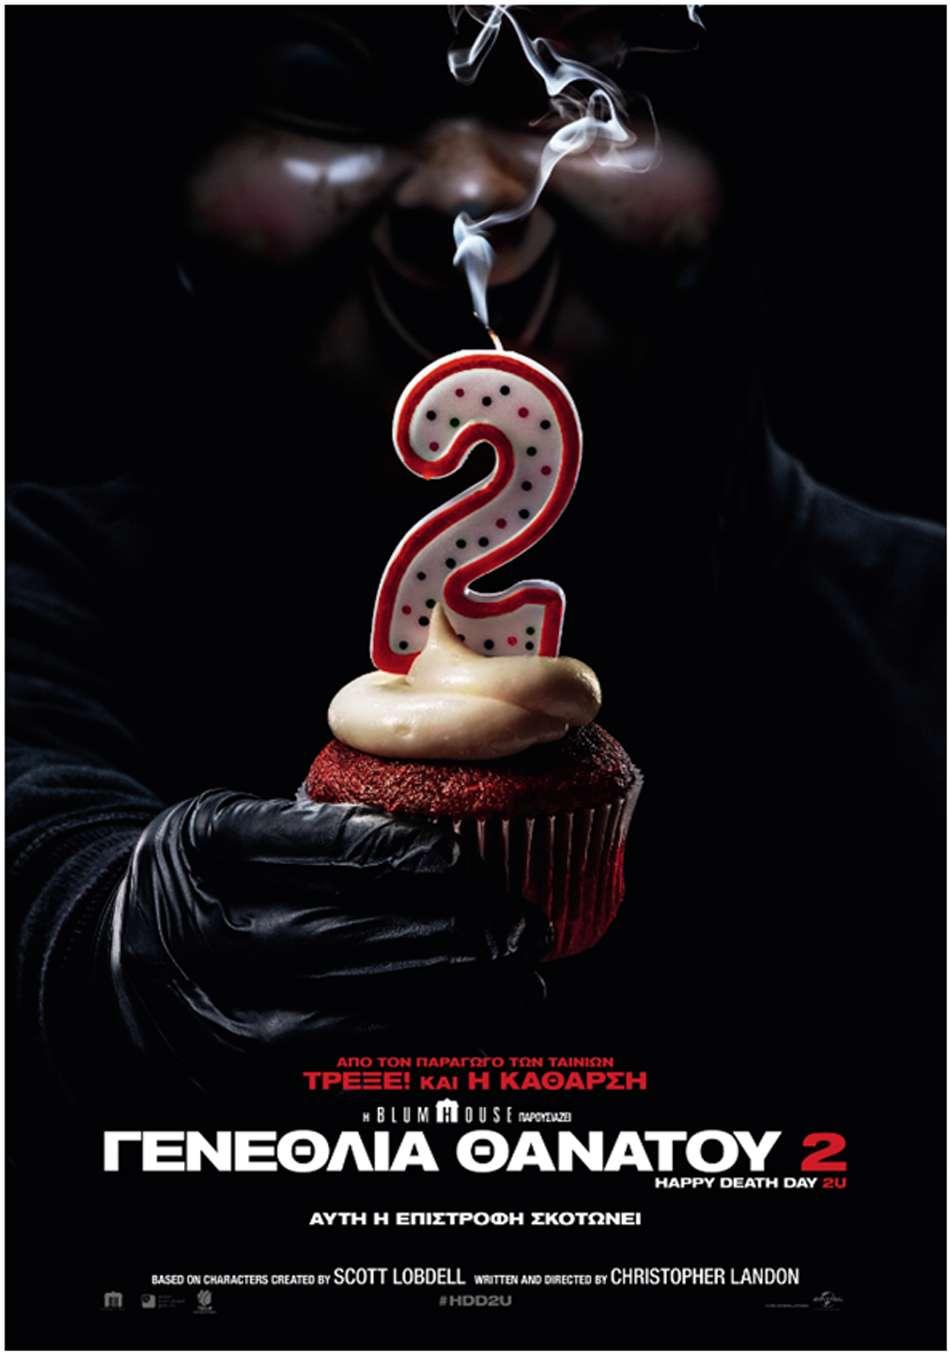 Γενέθλια Θανάτου 2 (Happy Death Day 2U) Poster Πόστερ